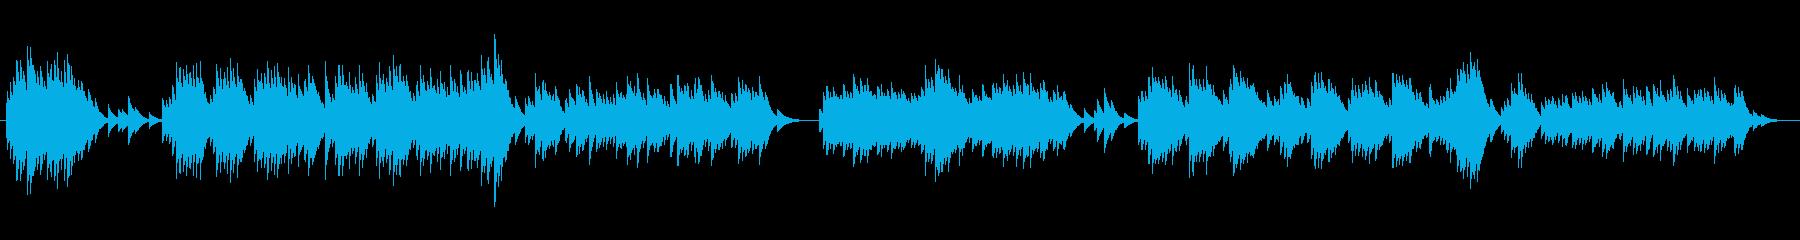 闇深き思い出のオルゴールの再生済みの波形